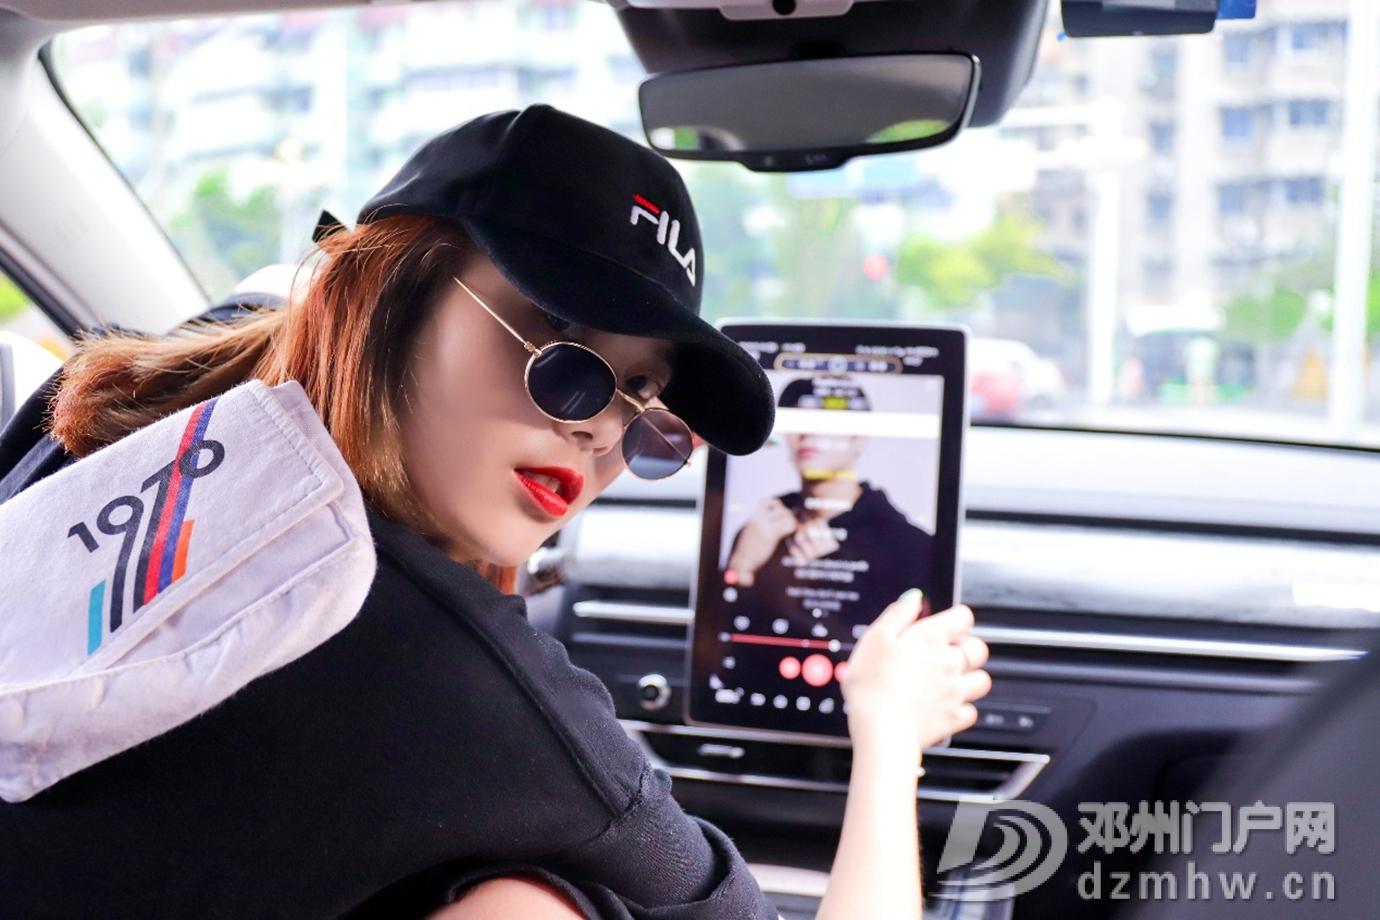 秦Pro DM车主的嘻哈生活 - 邓州门户网|邓州网 - a21.jpg